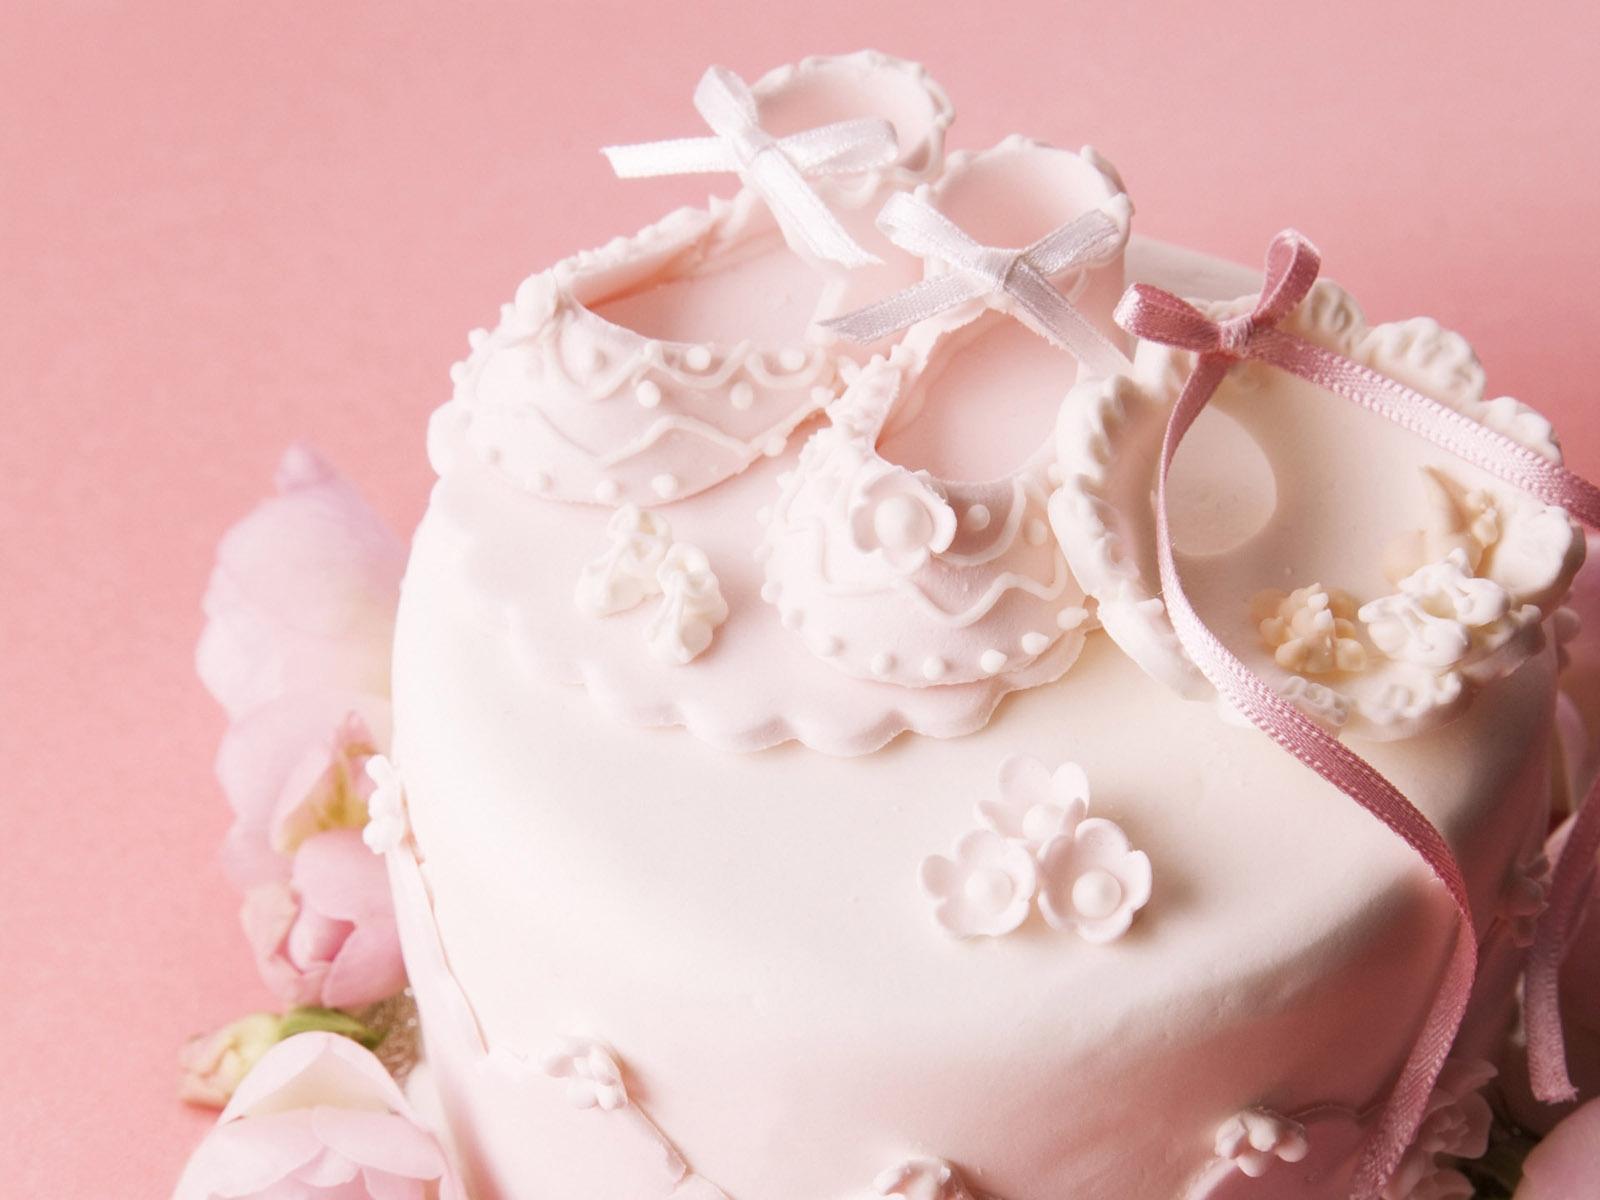 デスクトップ壁紙 フード ピンク デザート アイシング 形状 花弁 料理 ウエディングケーキ バタークリーム ケーキの装飾 釉薬 結婚式の準備 トルテ 砂糖ペースト 1600x10 Wallup デスクトップ壁紙 Wallhere